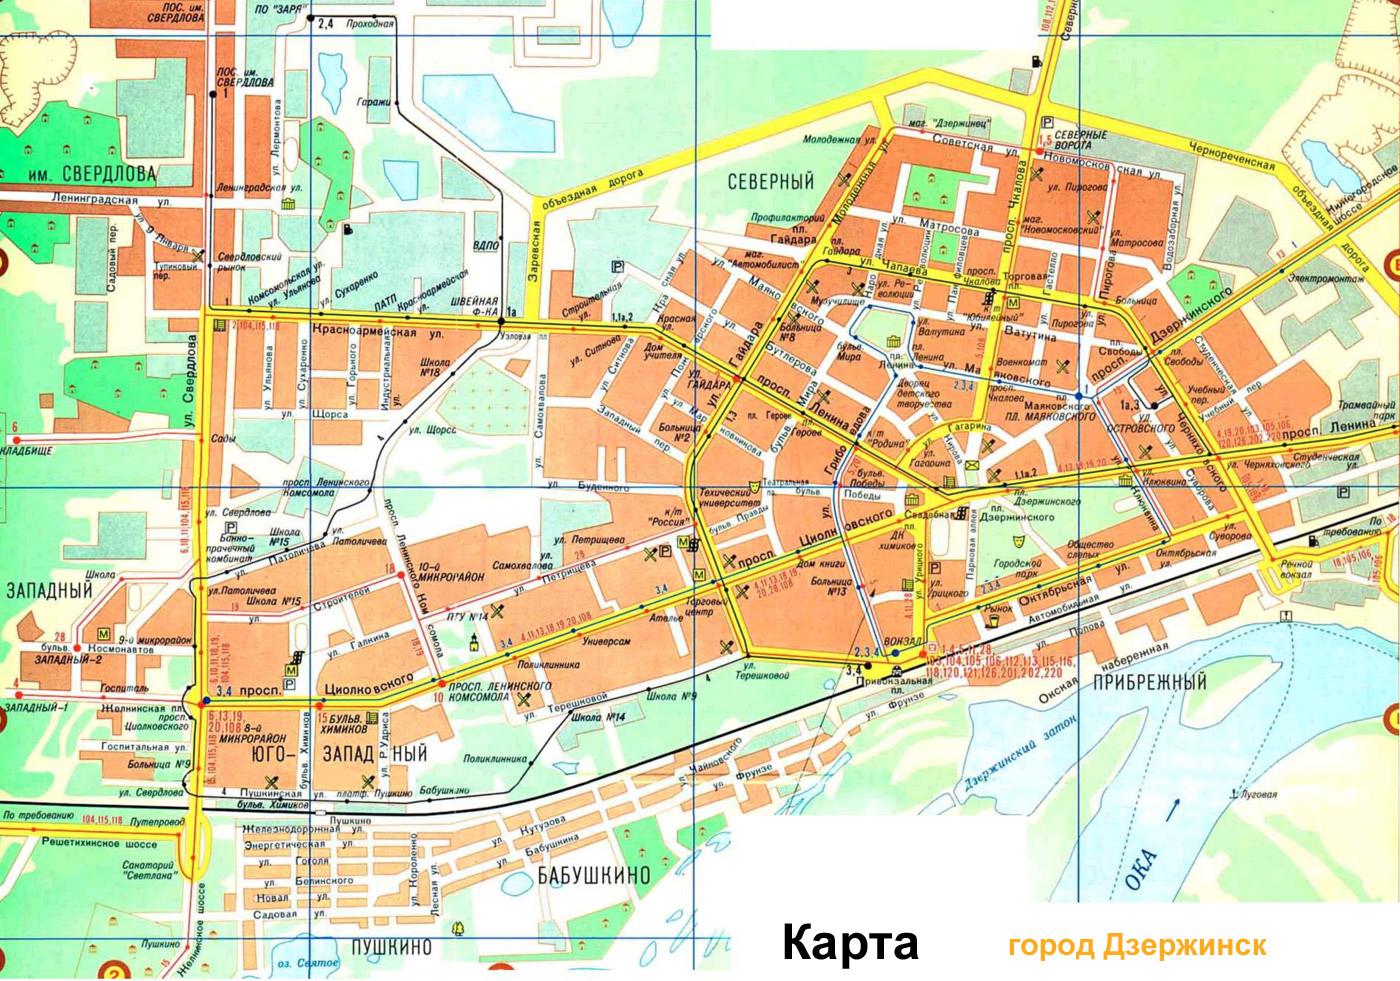 Карта города Дзержинска